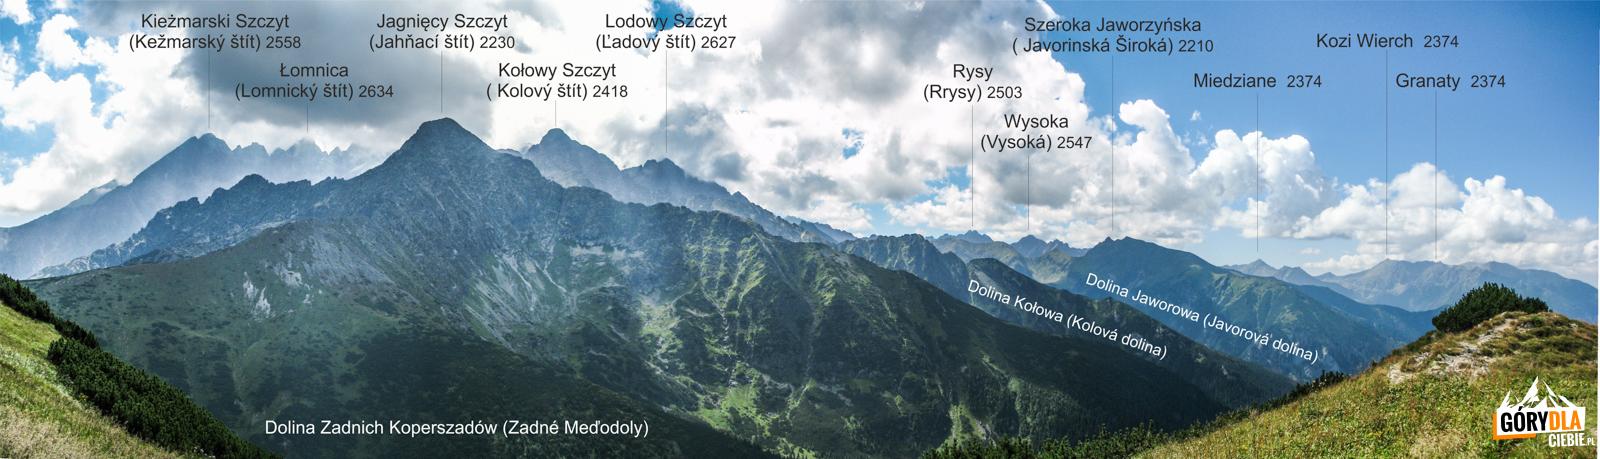 Panorama Tatr Wysokich z Szerokiej Przełęczy Bielskiej 1826 m